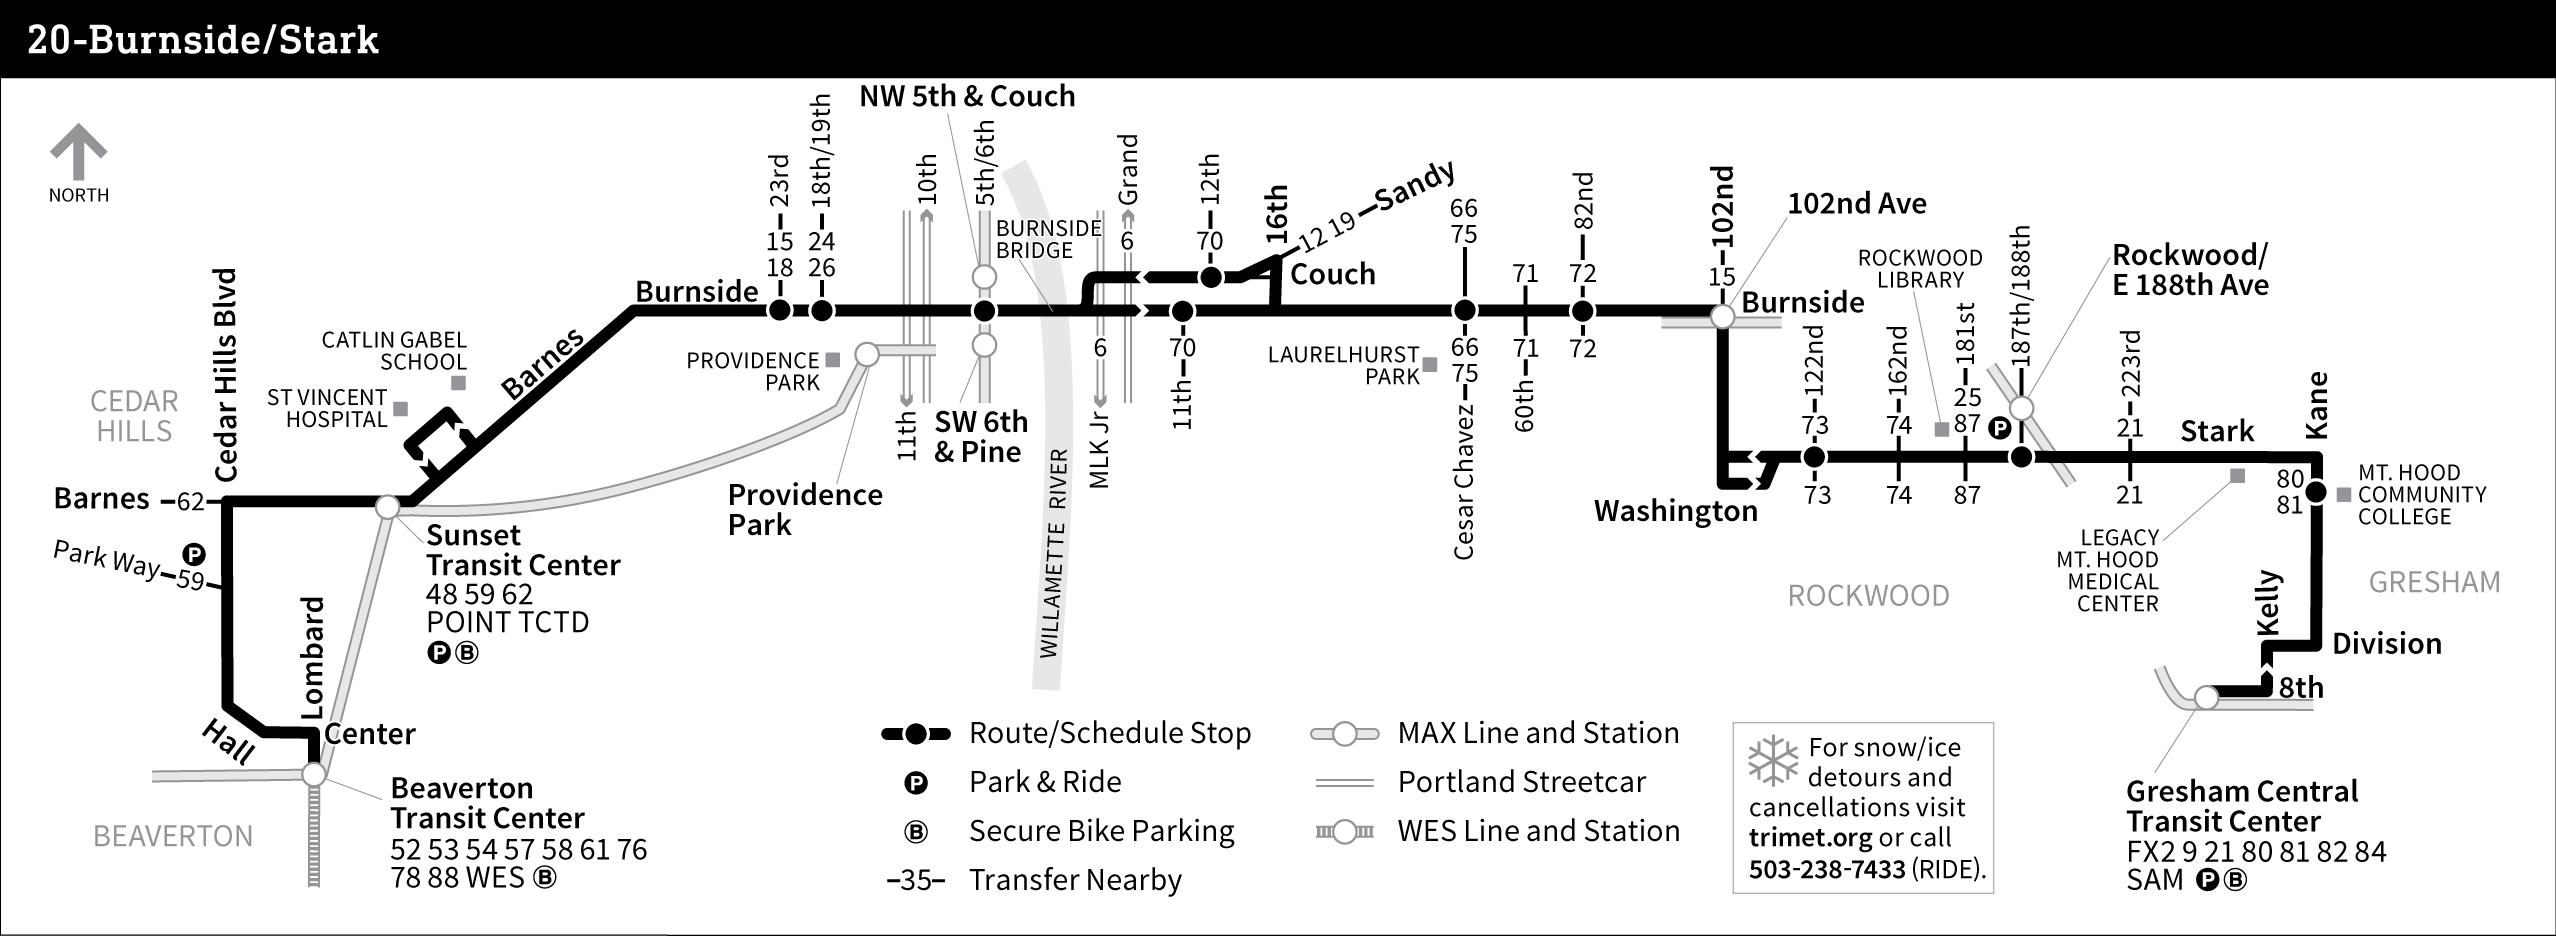 BurnsideStark - Map us route 20